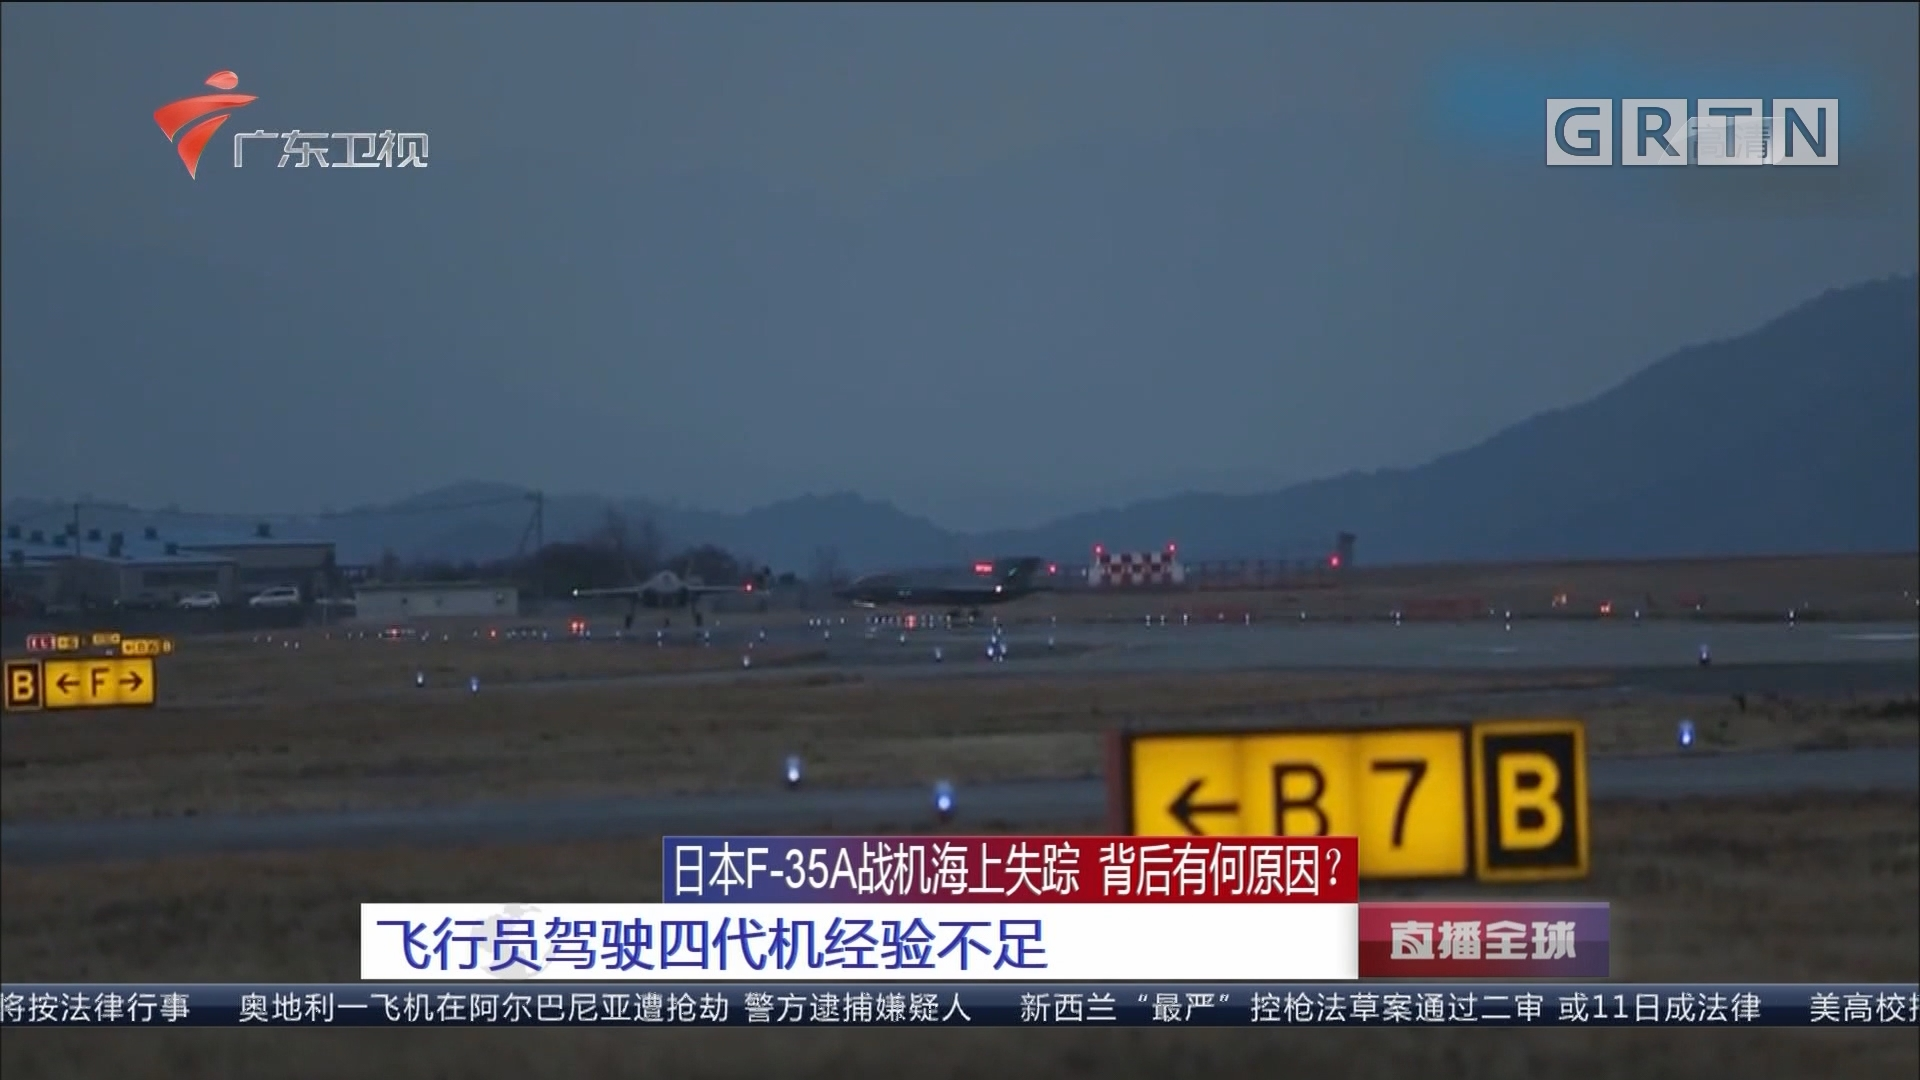 日本F-35A战机海上失踪 背后有何原因? 飞行员驾驶四代机经验不足